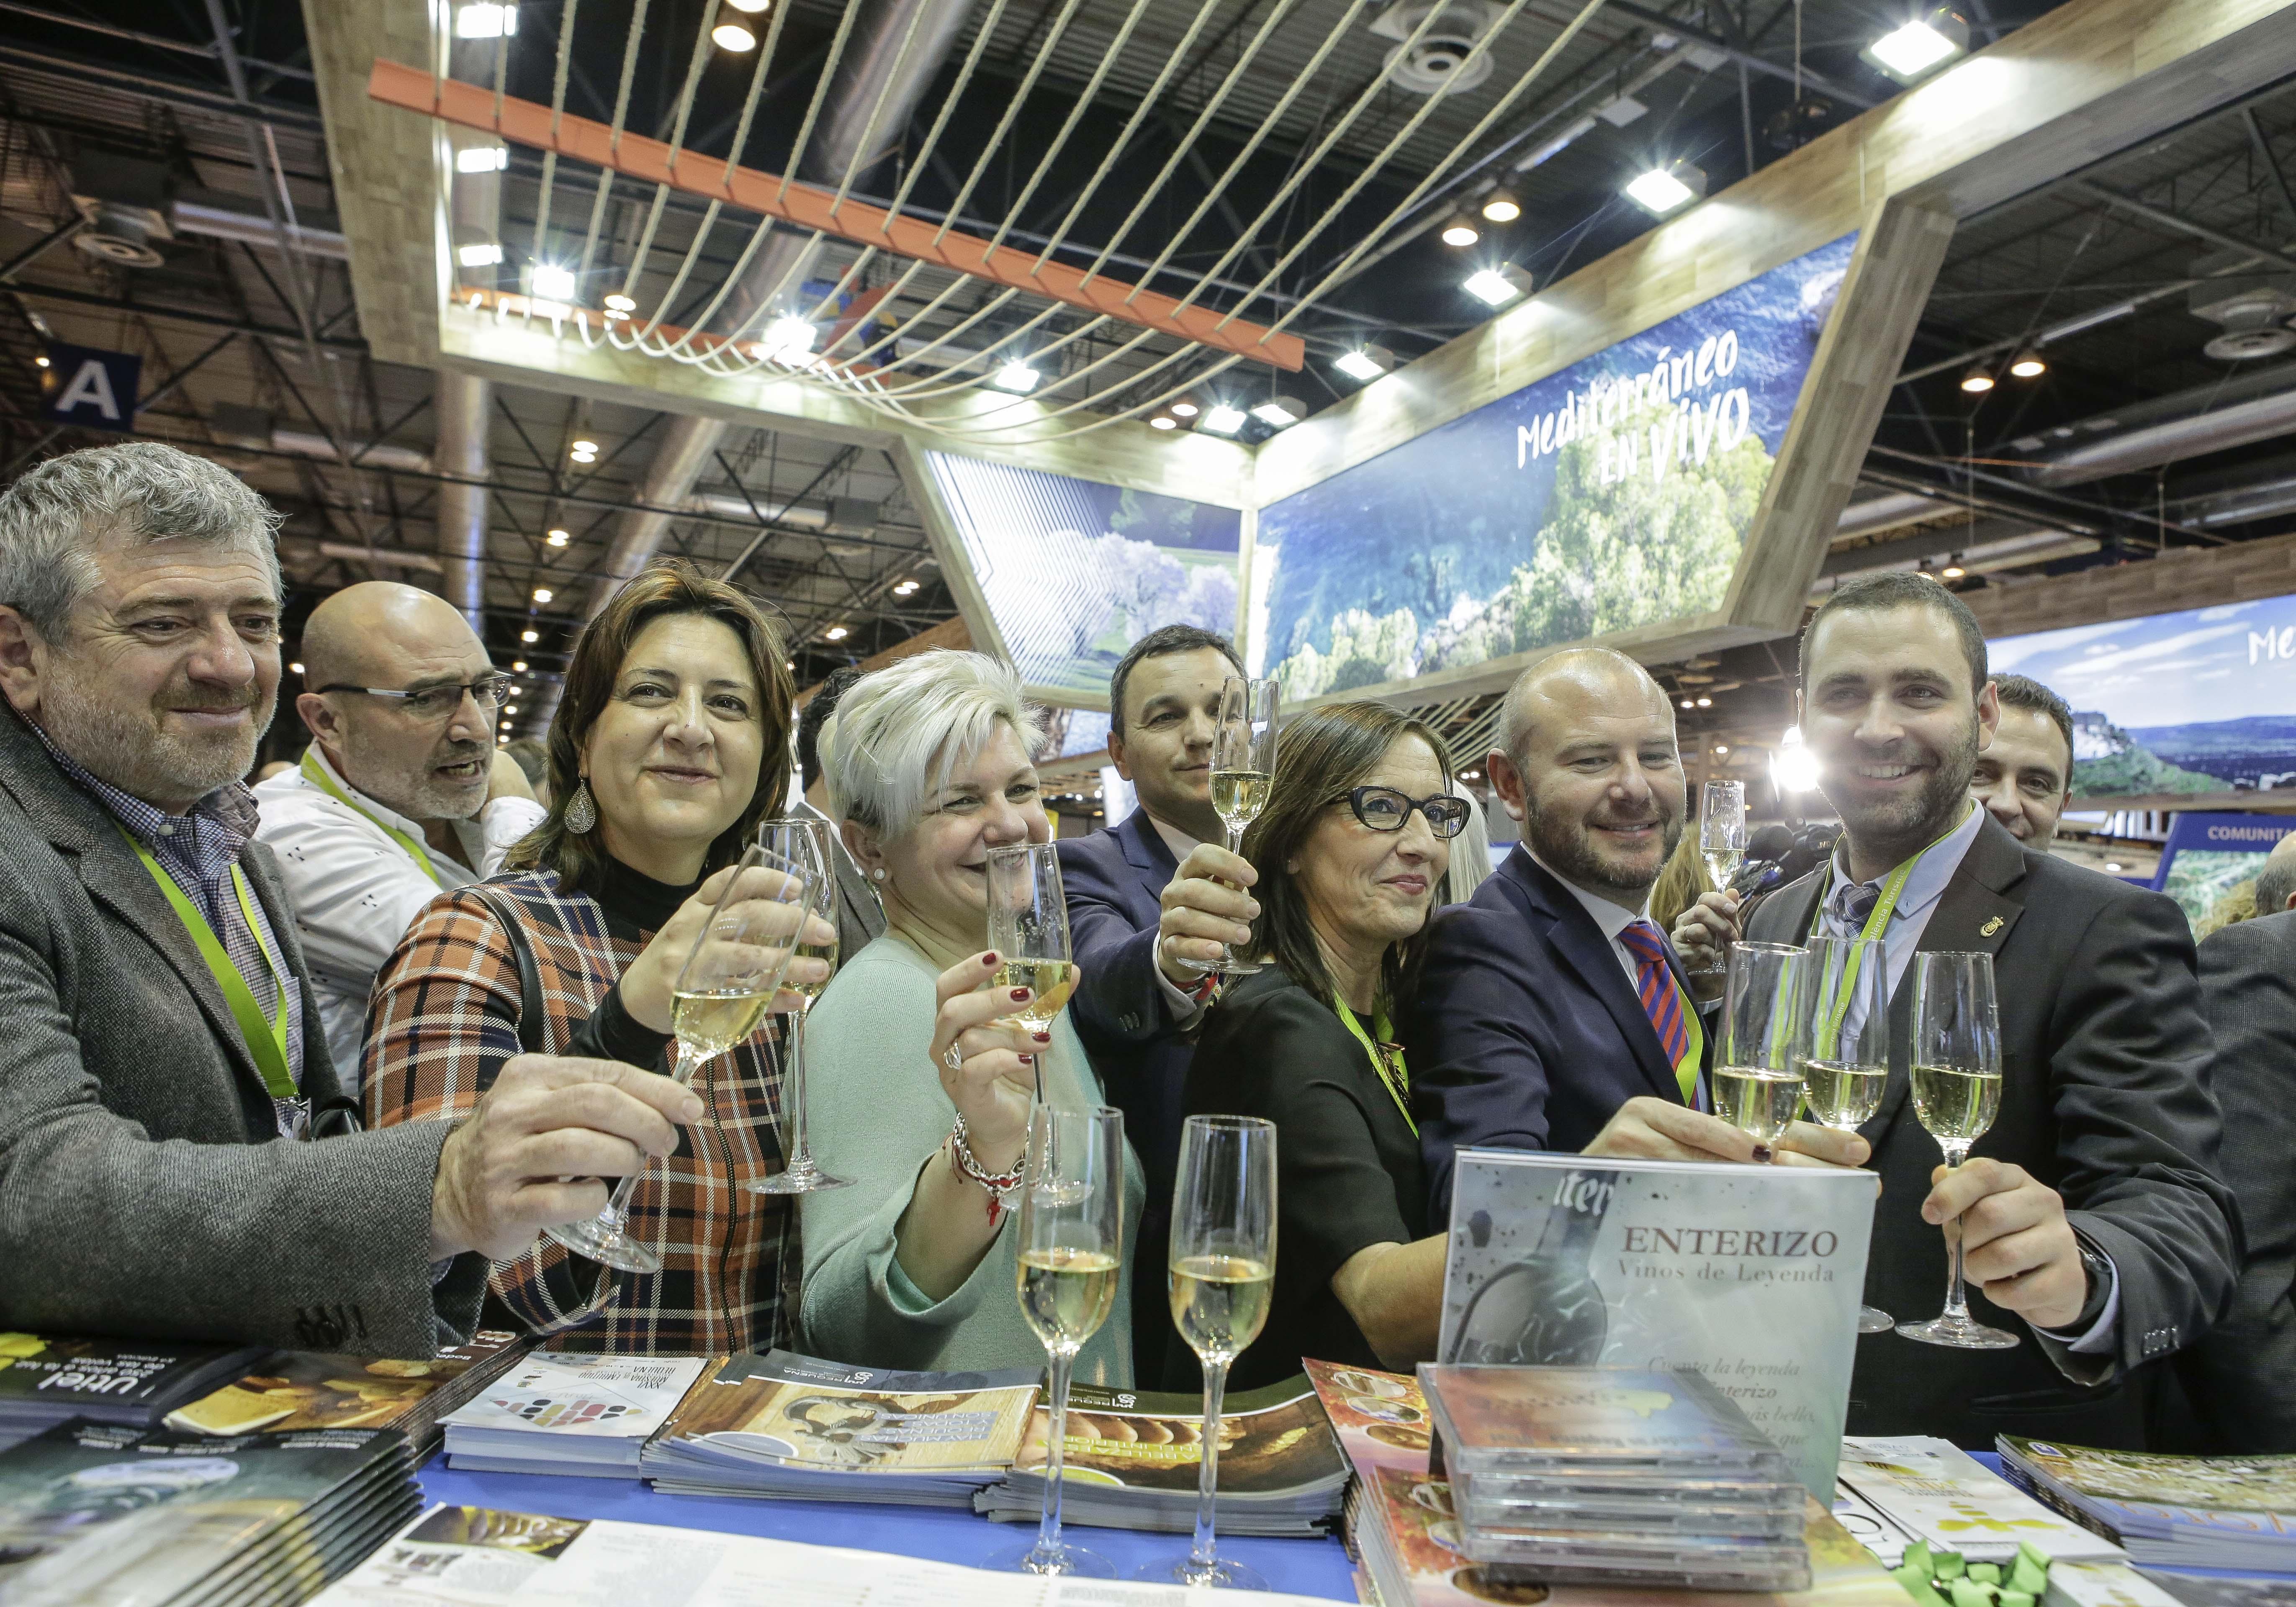 El presidente, Toni Gaspar, y la vicepresidenta, Mª Josep Amigó, recorren los espacios de Requena, Utiel, Buñol, Cofrentes y Ayora, referentes del turismo de interior de la provincia.